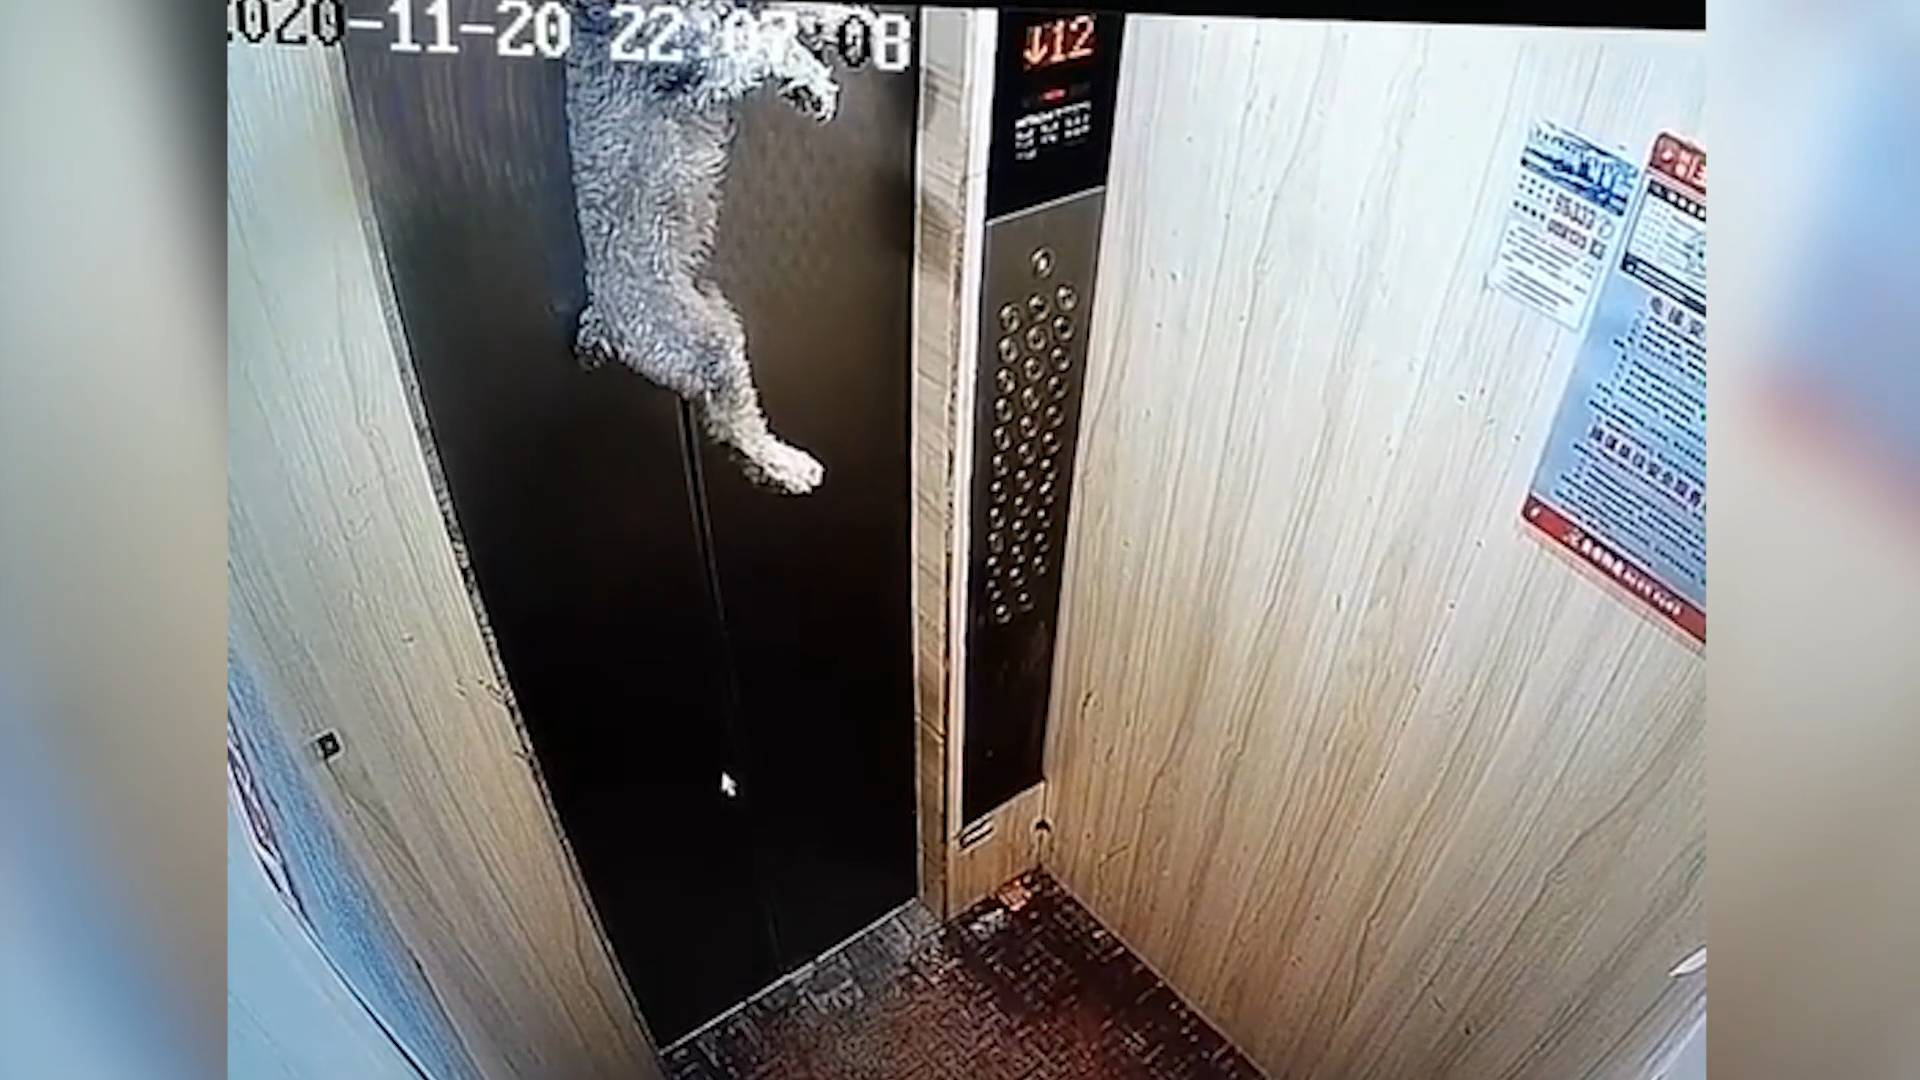 25秒丨惊险!狗狗提前进电梯被牵引绳卡住 倒挂电梯门十余秒